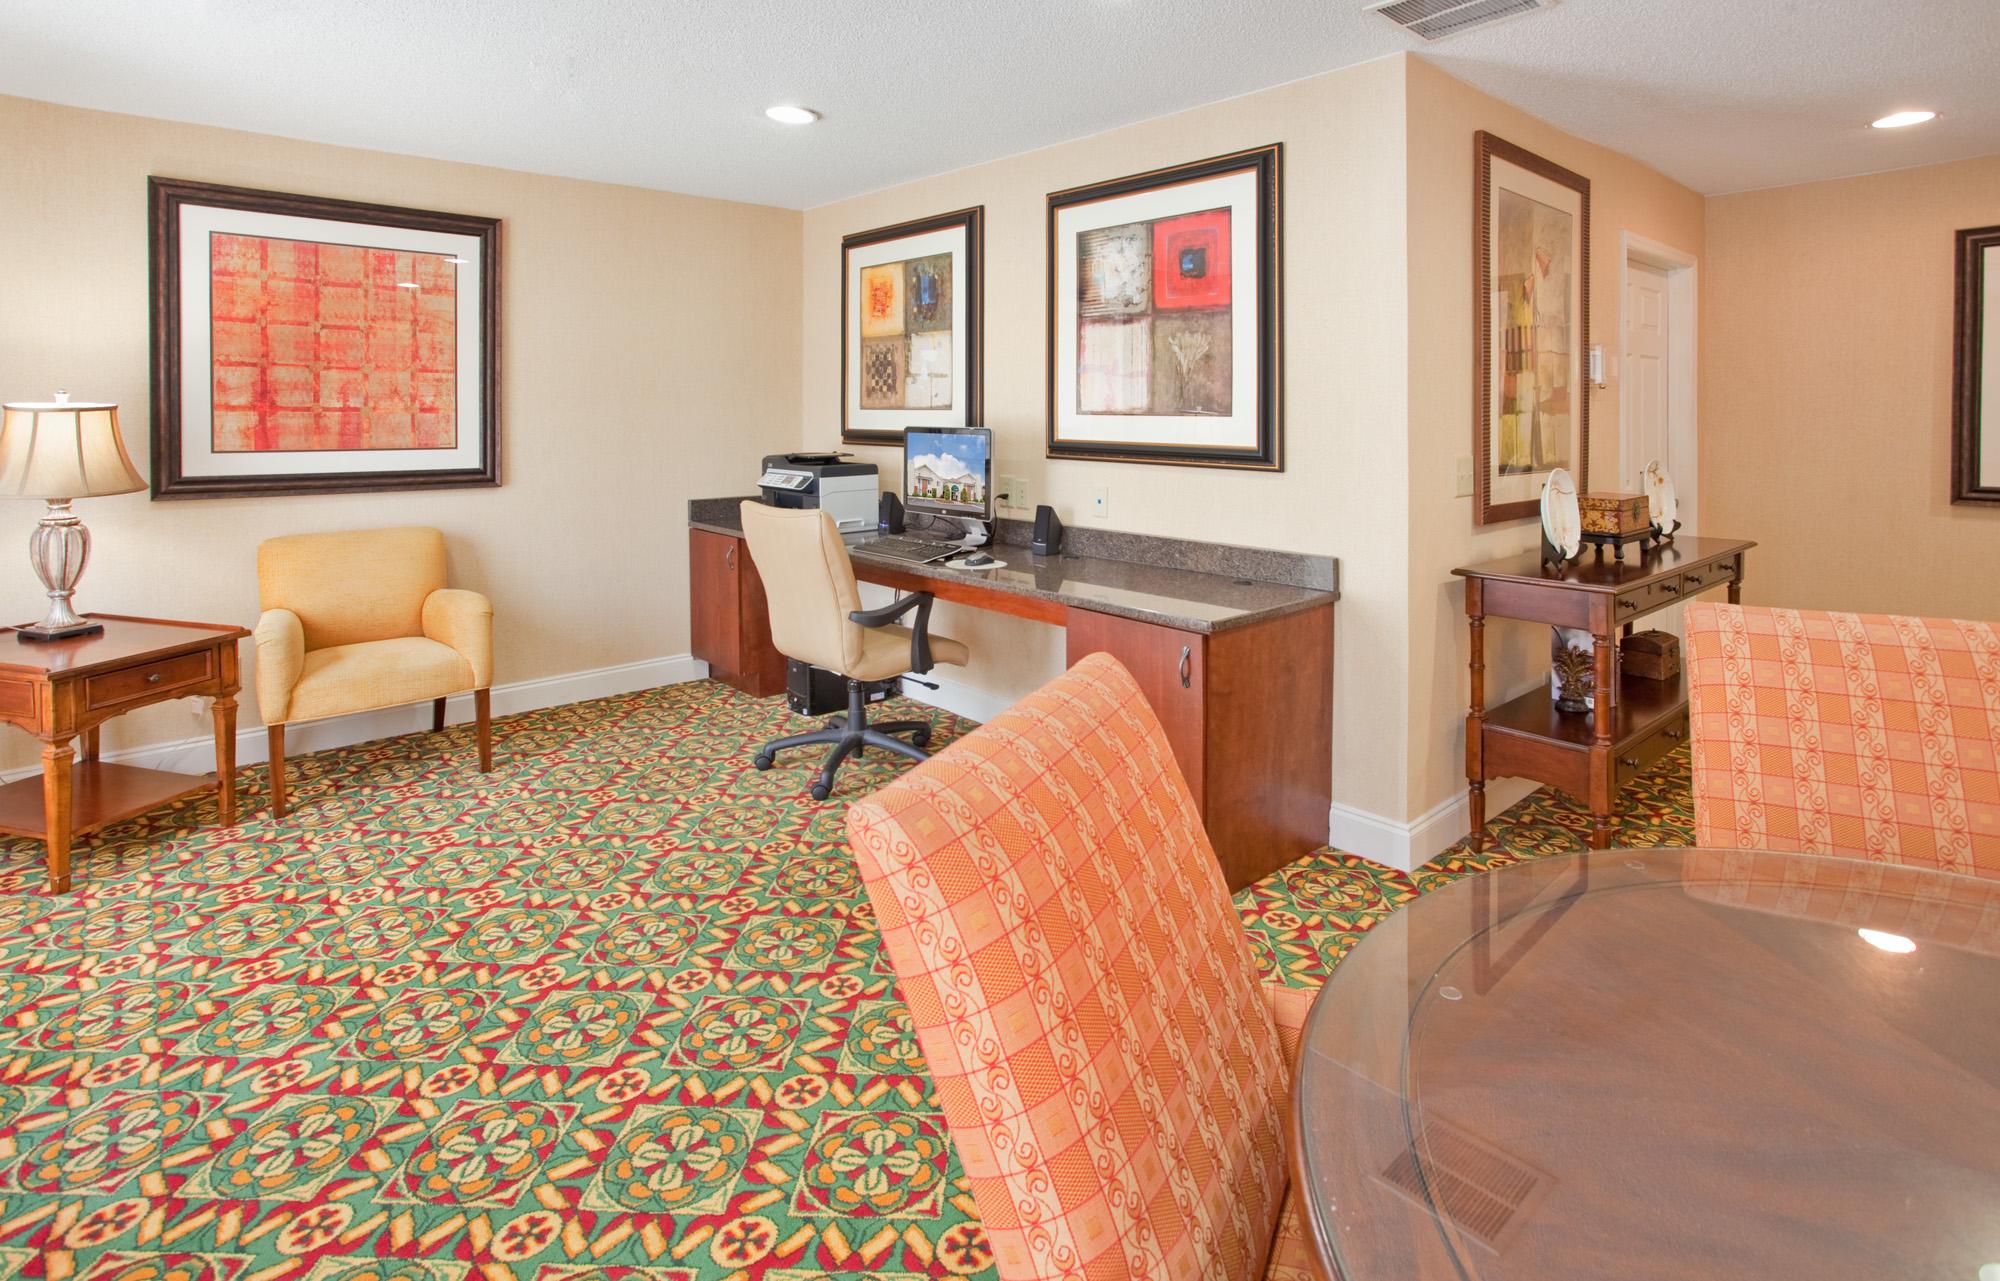 Residence Inn by Marriott Charlotte University Research Park image 1